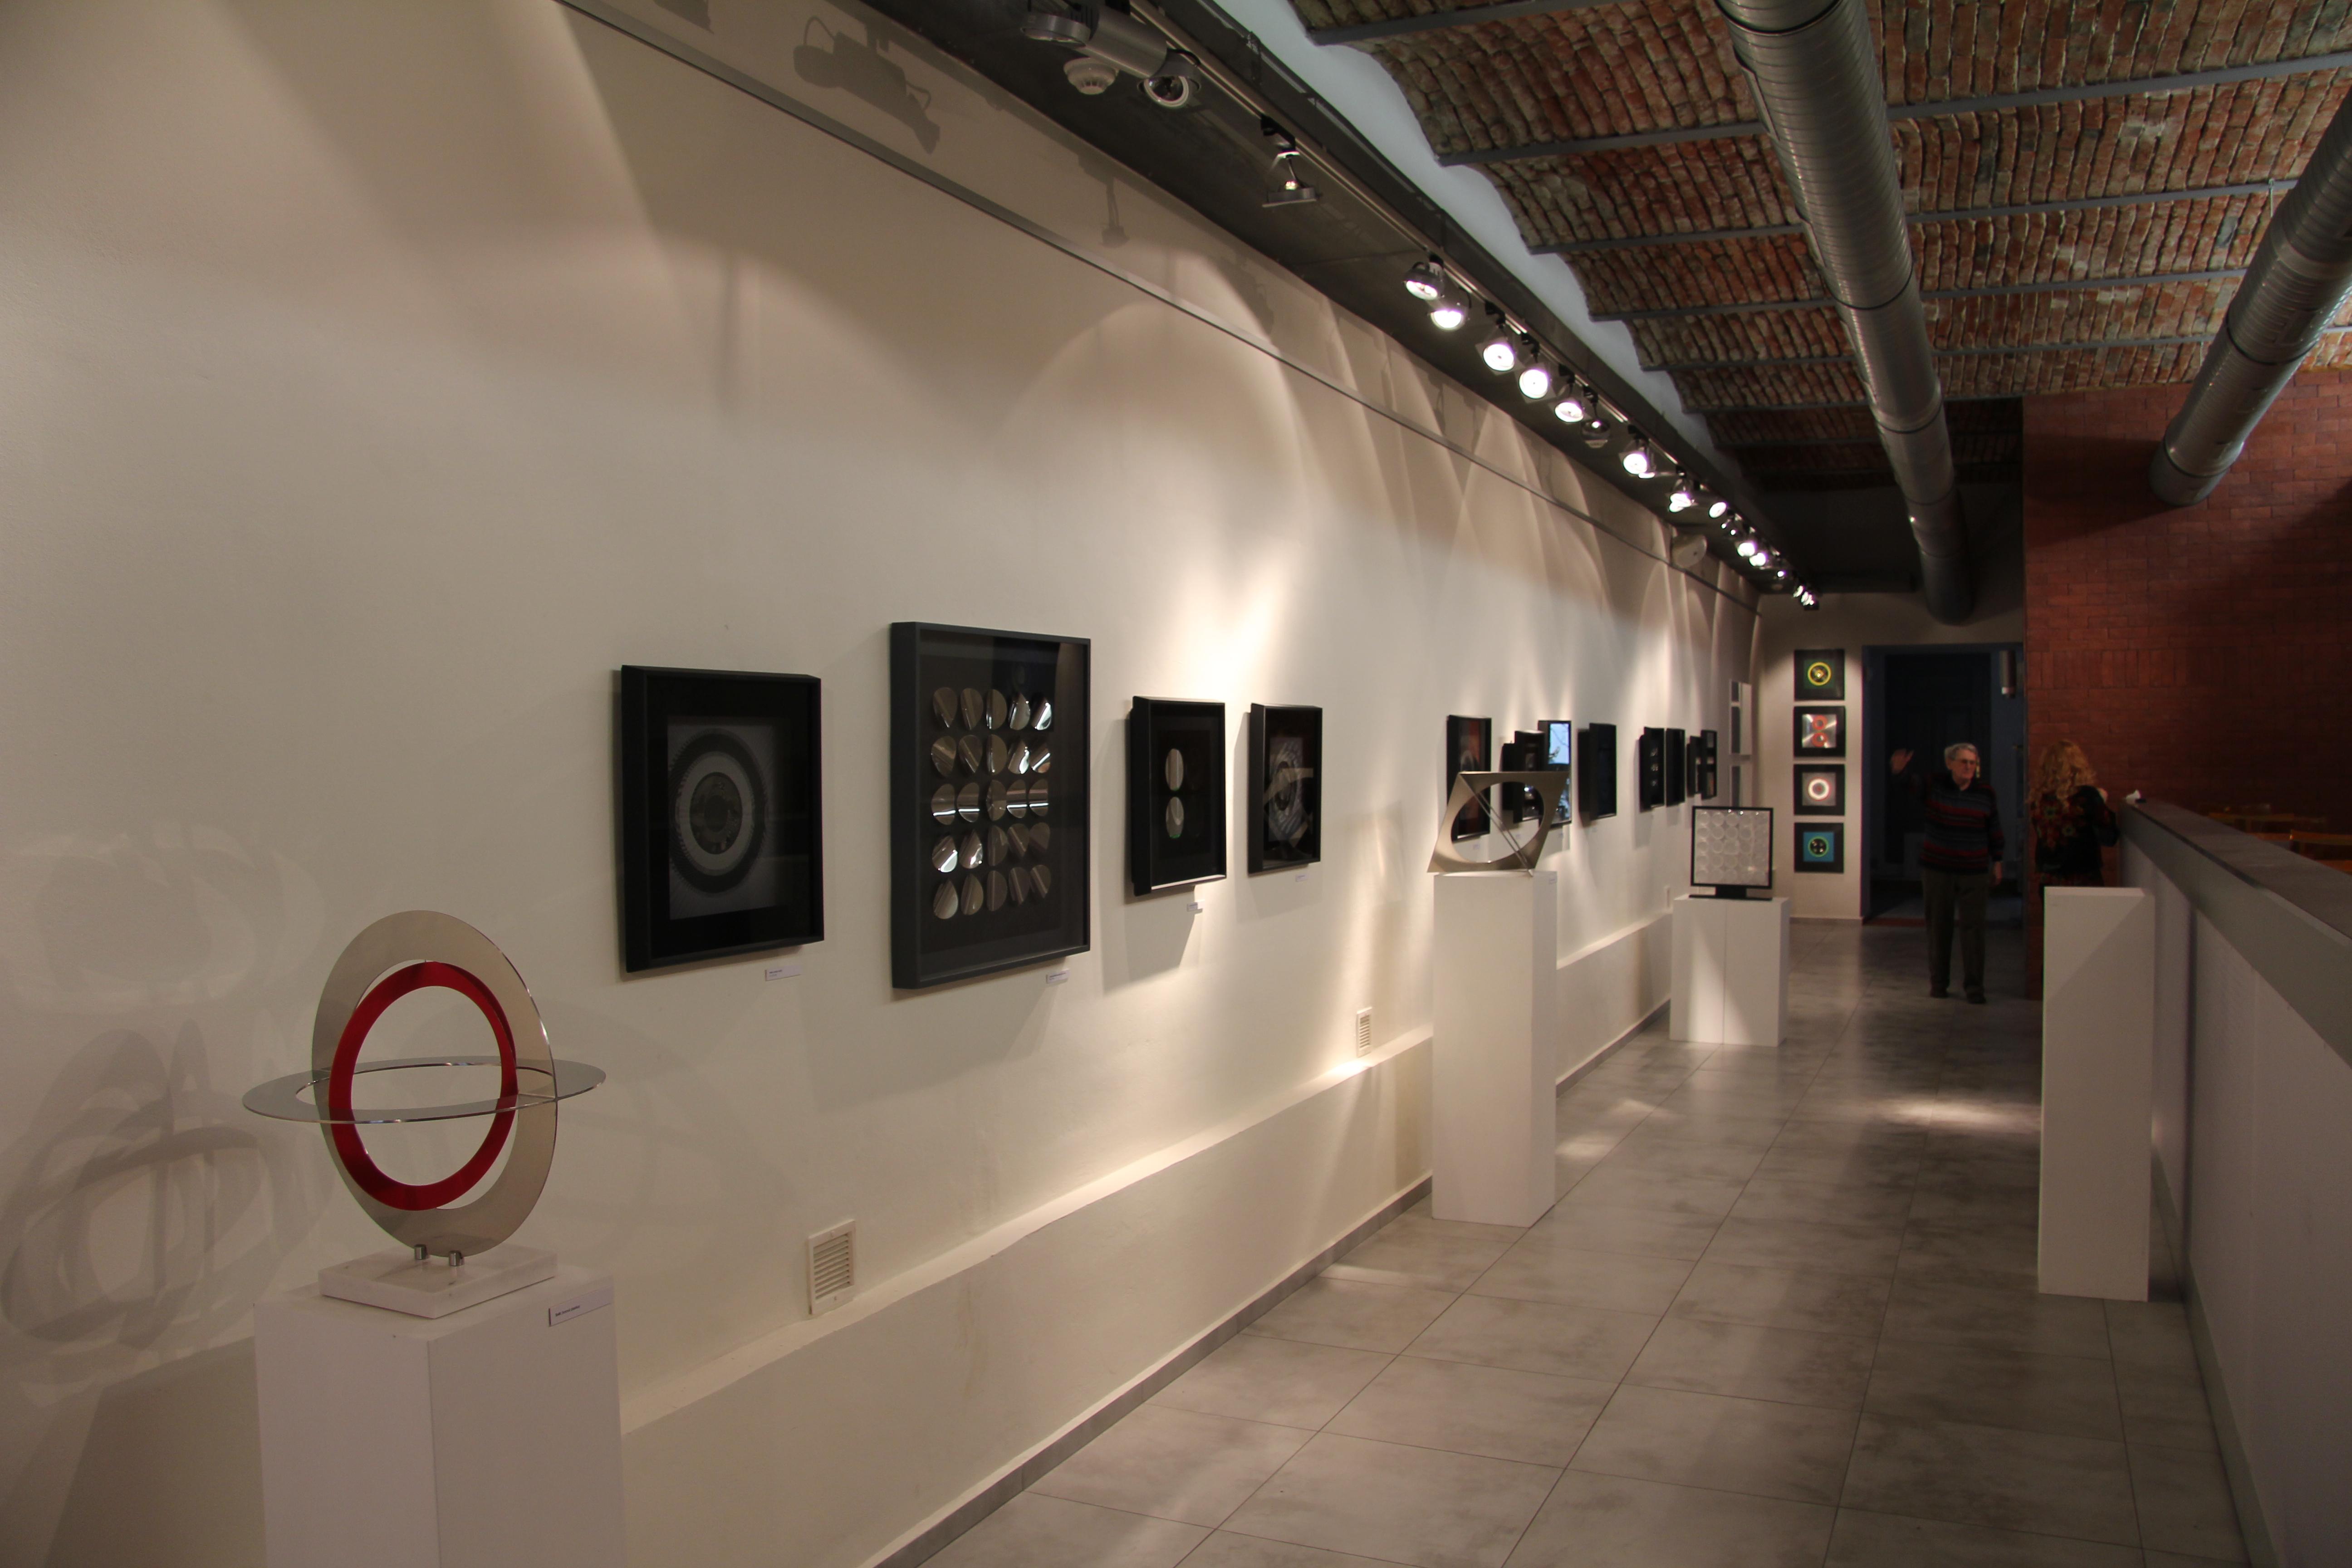 Pohled do instalace, obrázek se otevře v novém okně